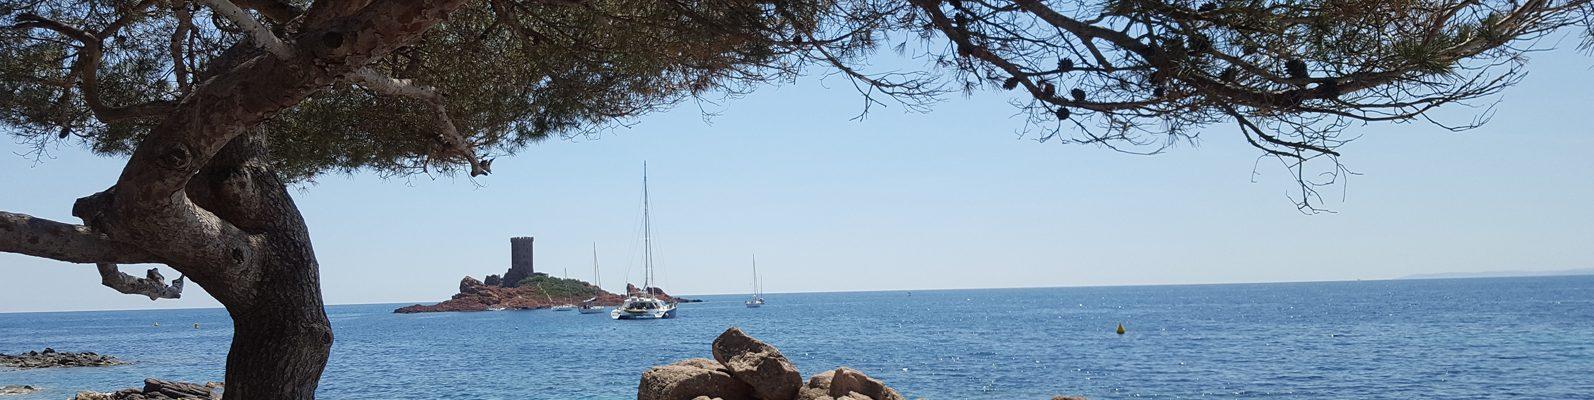 camping PACA bord de mer